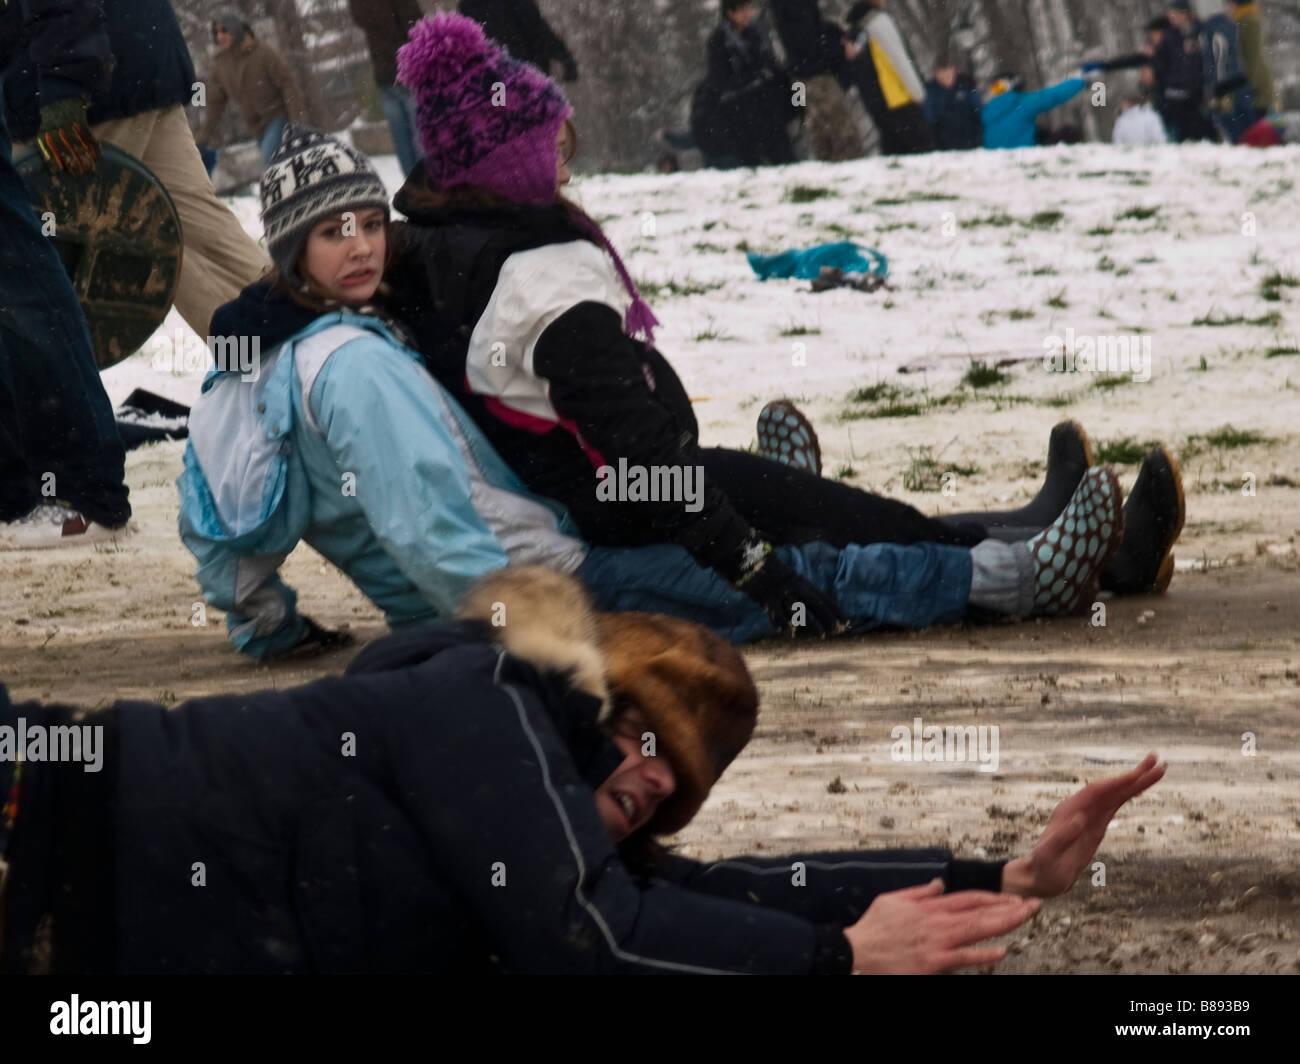 Frau zieht ein Gesicht, als Mann Schlitten fällt Stockfoto